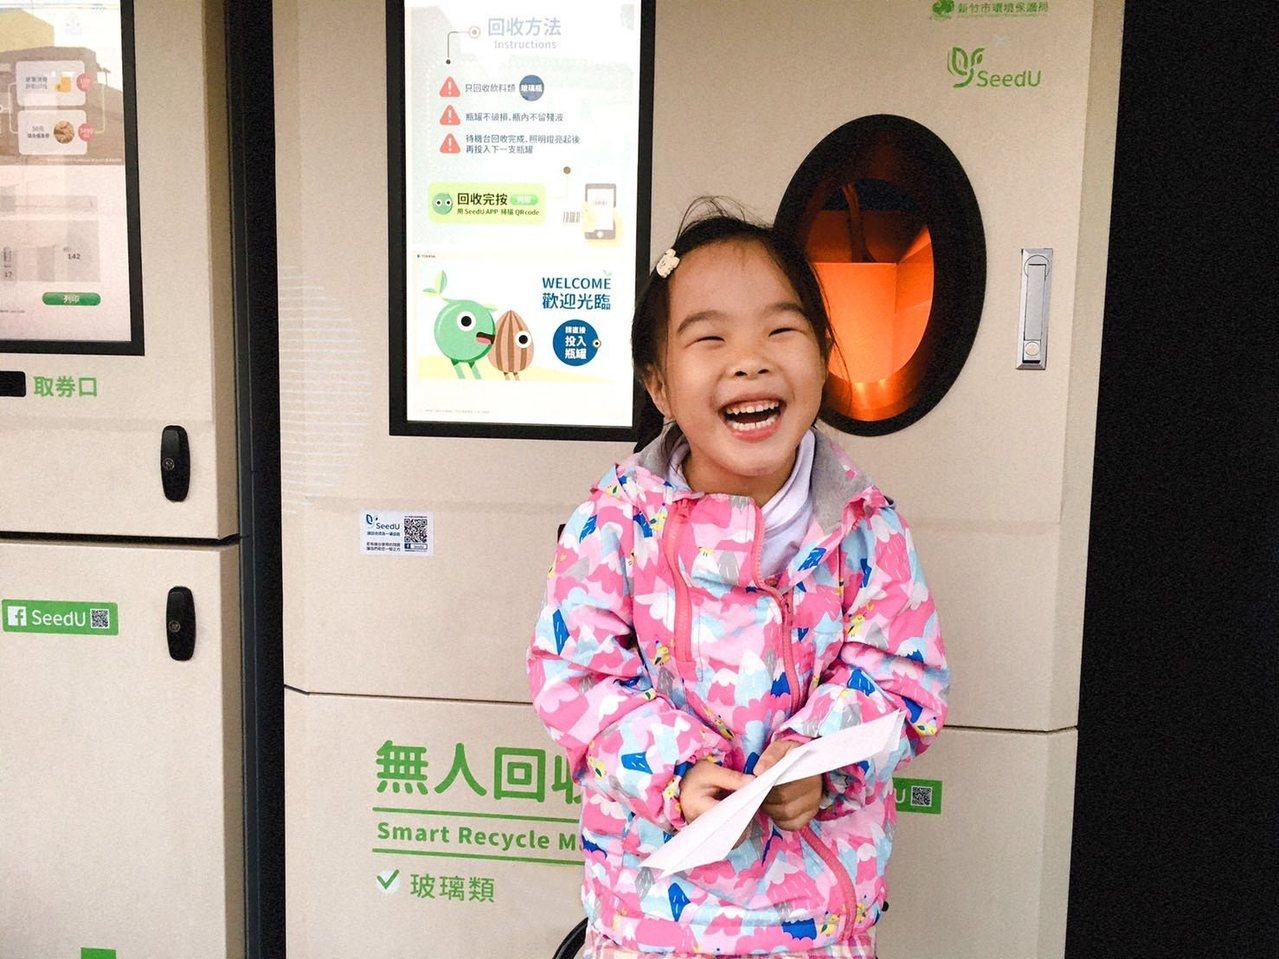 新竹市自今年7月開始啟用24小時自動辨識做回收的「無人回收站」,全市共設置7站1...